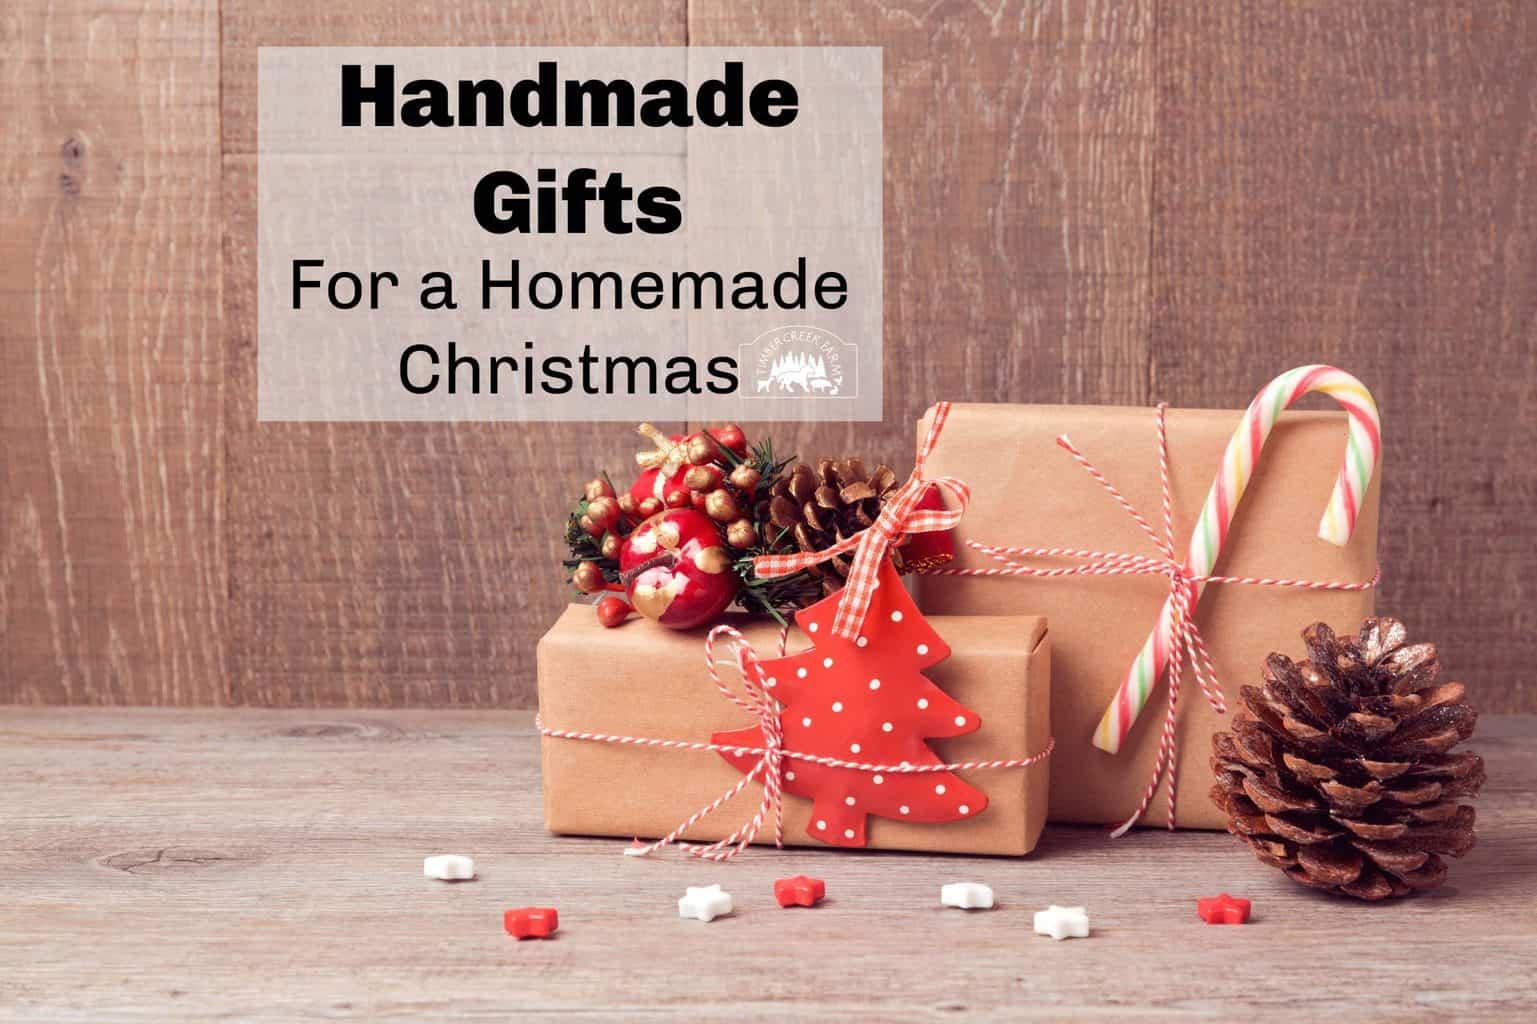 handmade gifts for a homemade Christmas